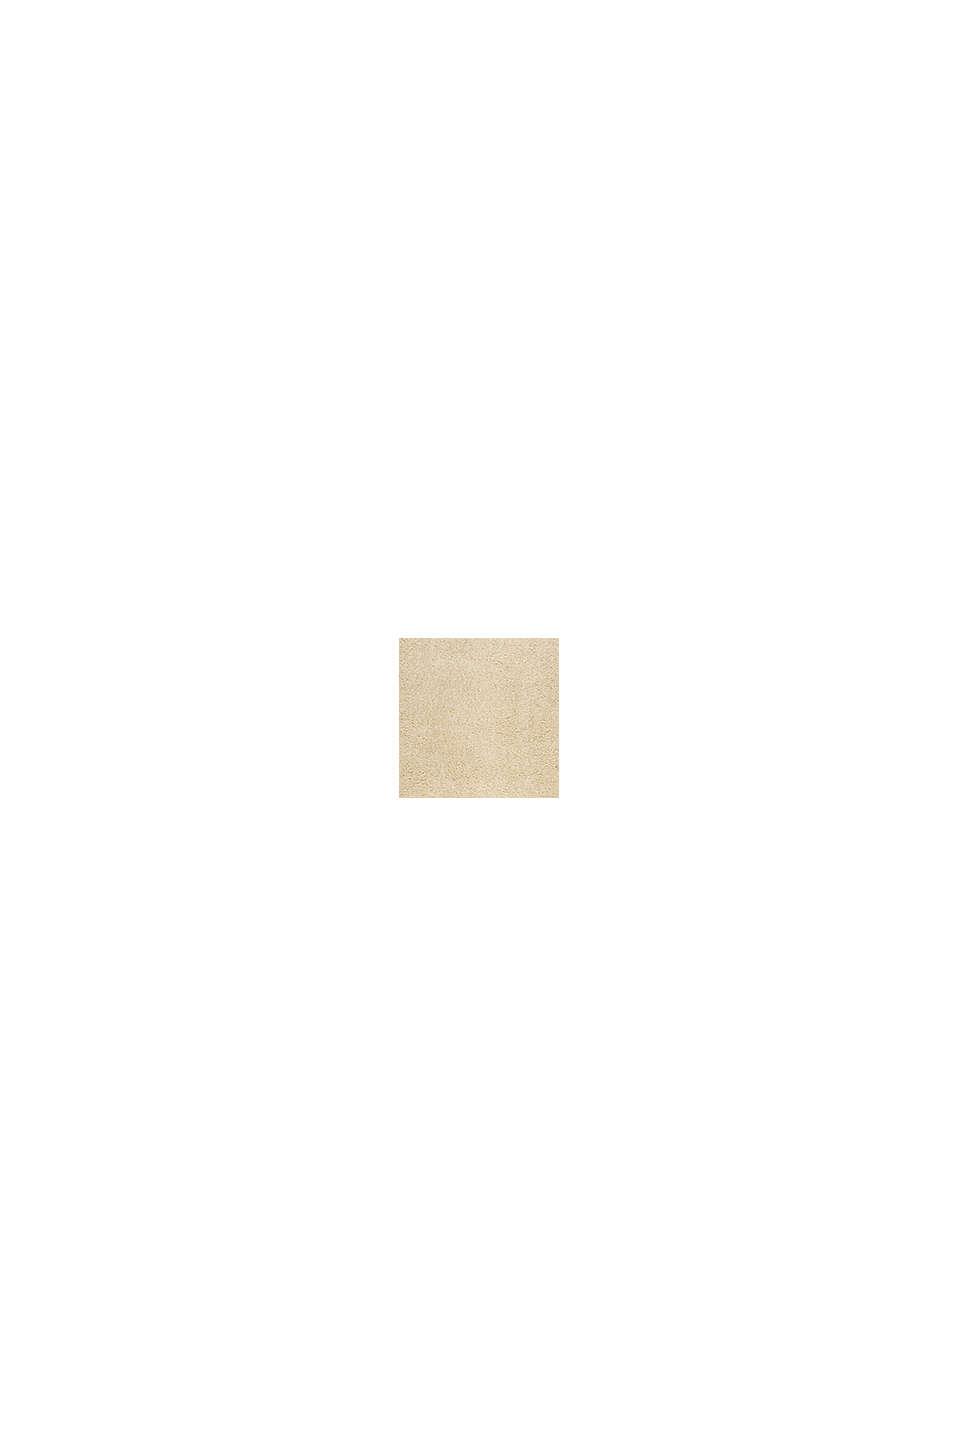 Hochflor-Teppich im Berber Style mit Fransen, CREAM BEIGE, swatch